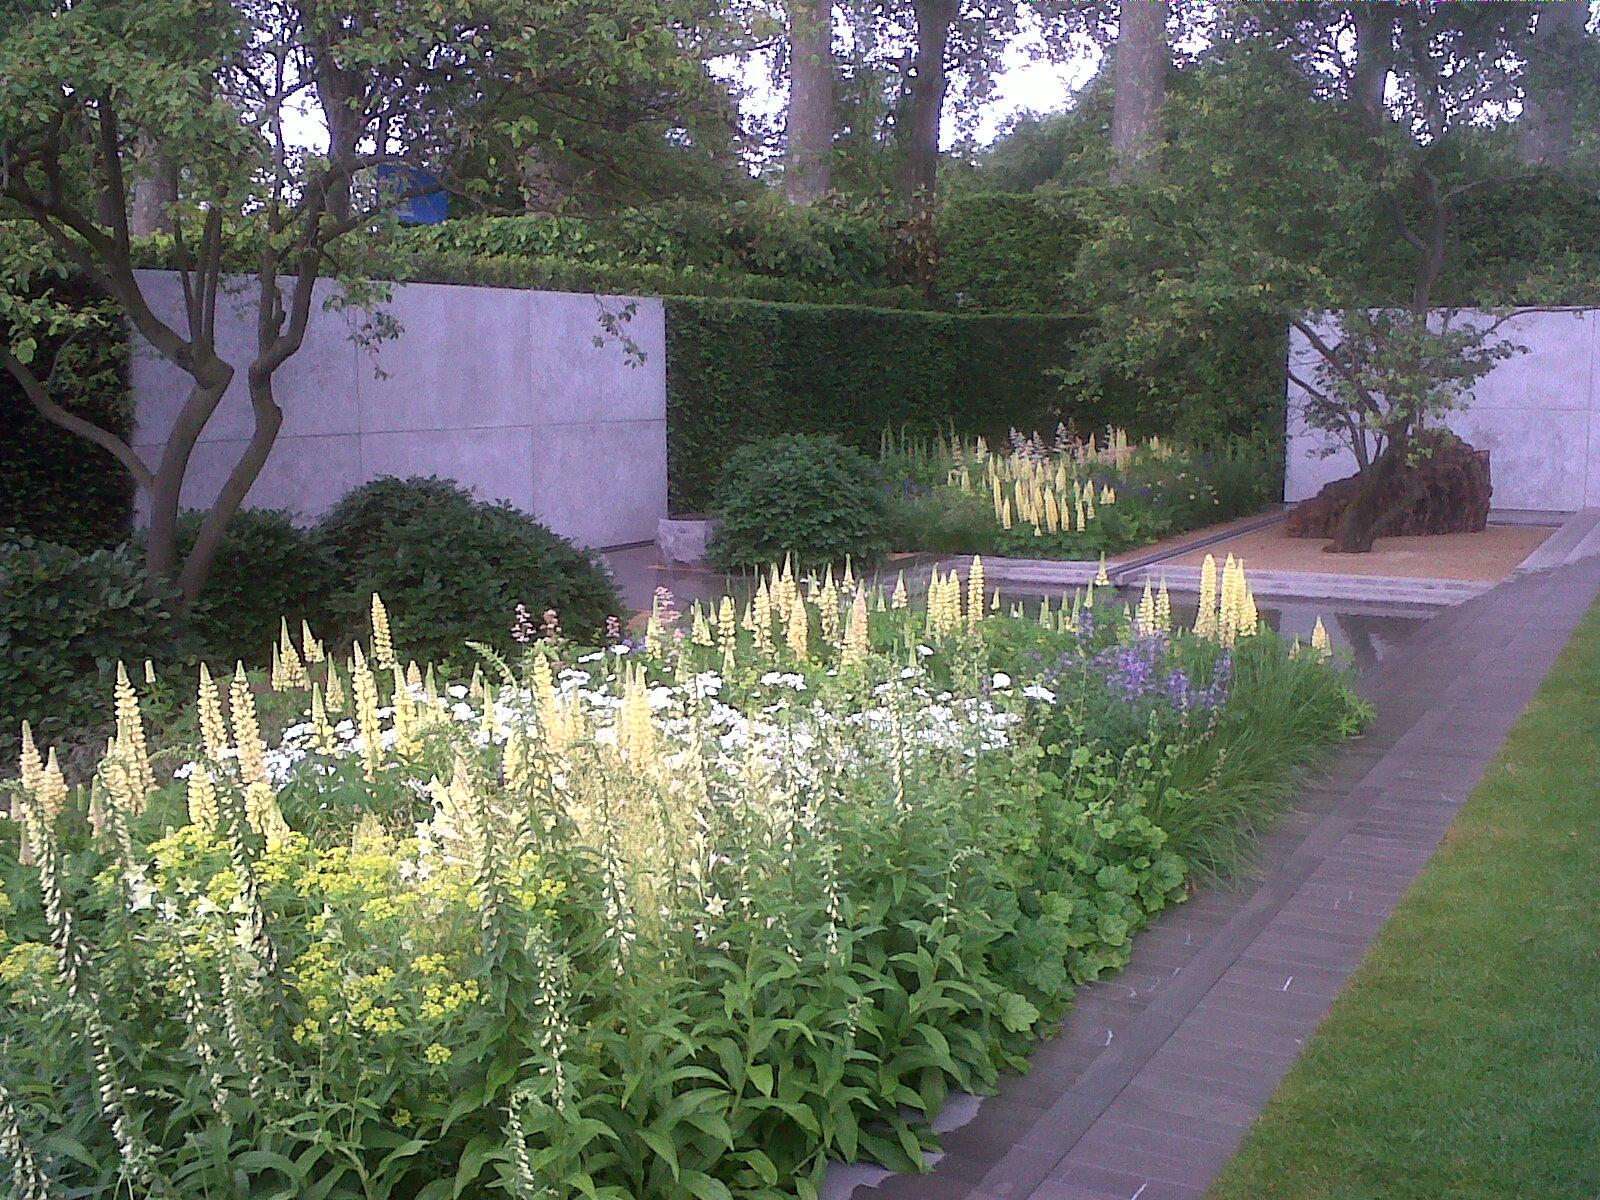 Chelsea flower show 2014 janna schreier garden design for Chelsea flower show garden designs